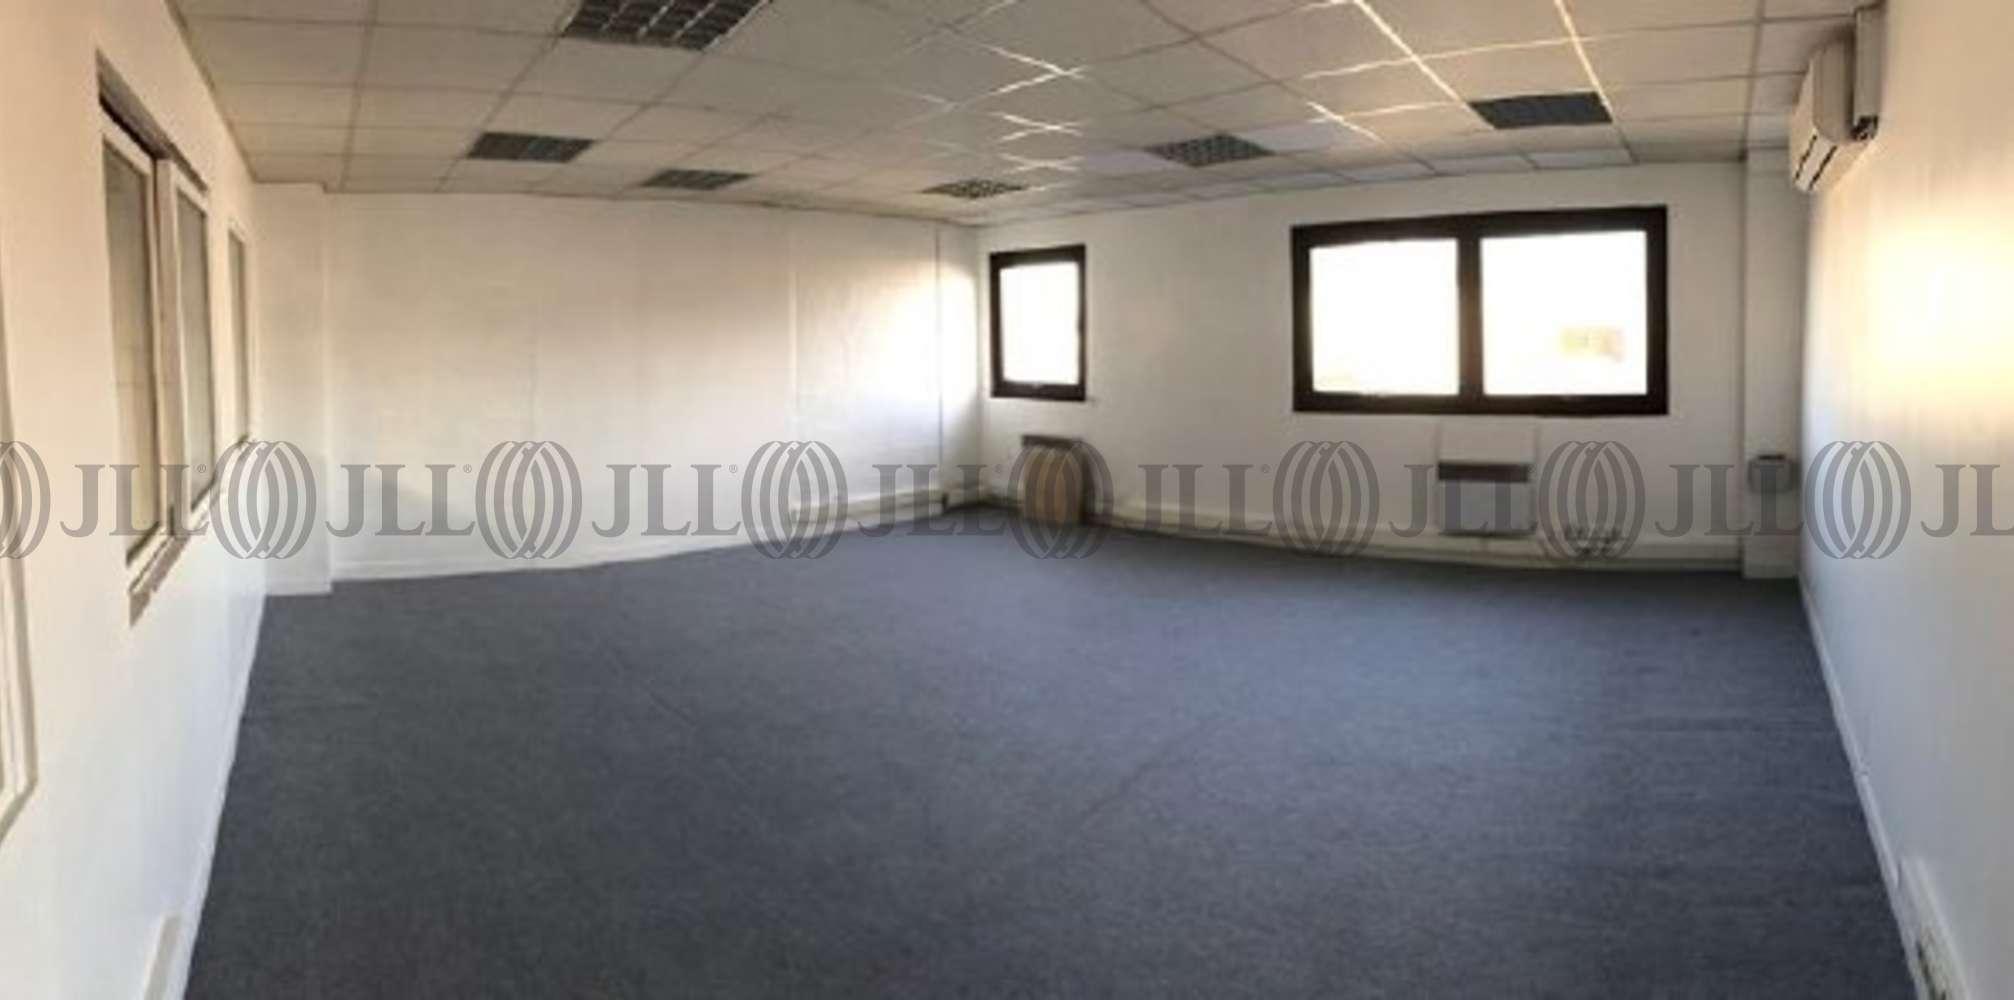 Activités/entrepôt Noisiel, 77186 - 10 RUE DE LA MARE BLANCHE - 10906017